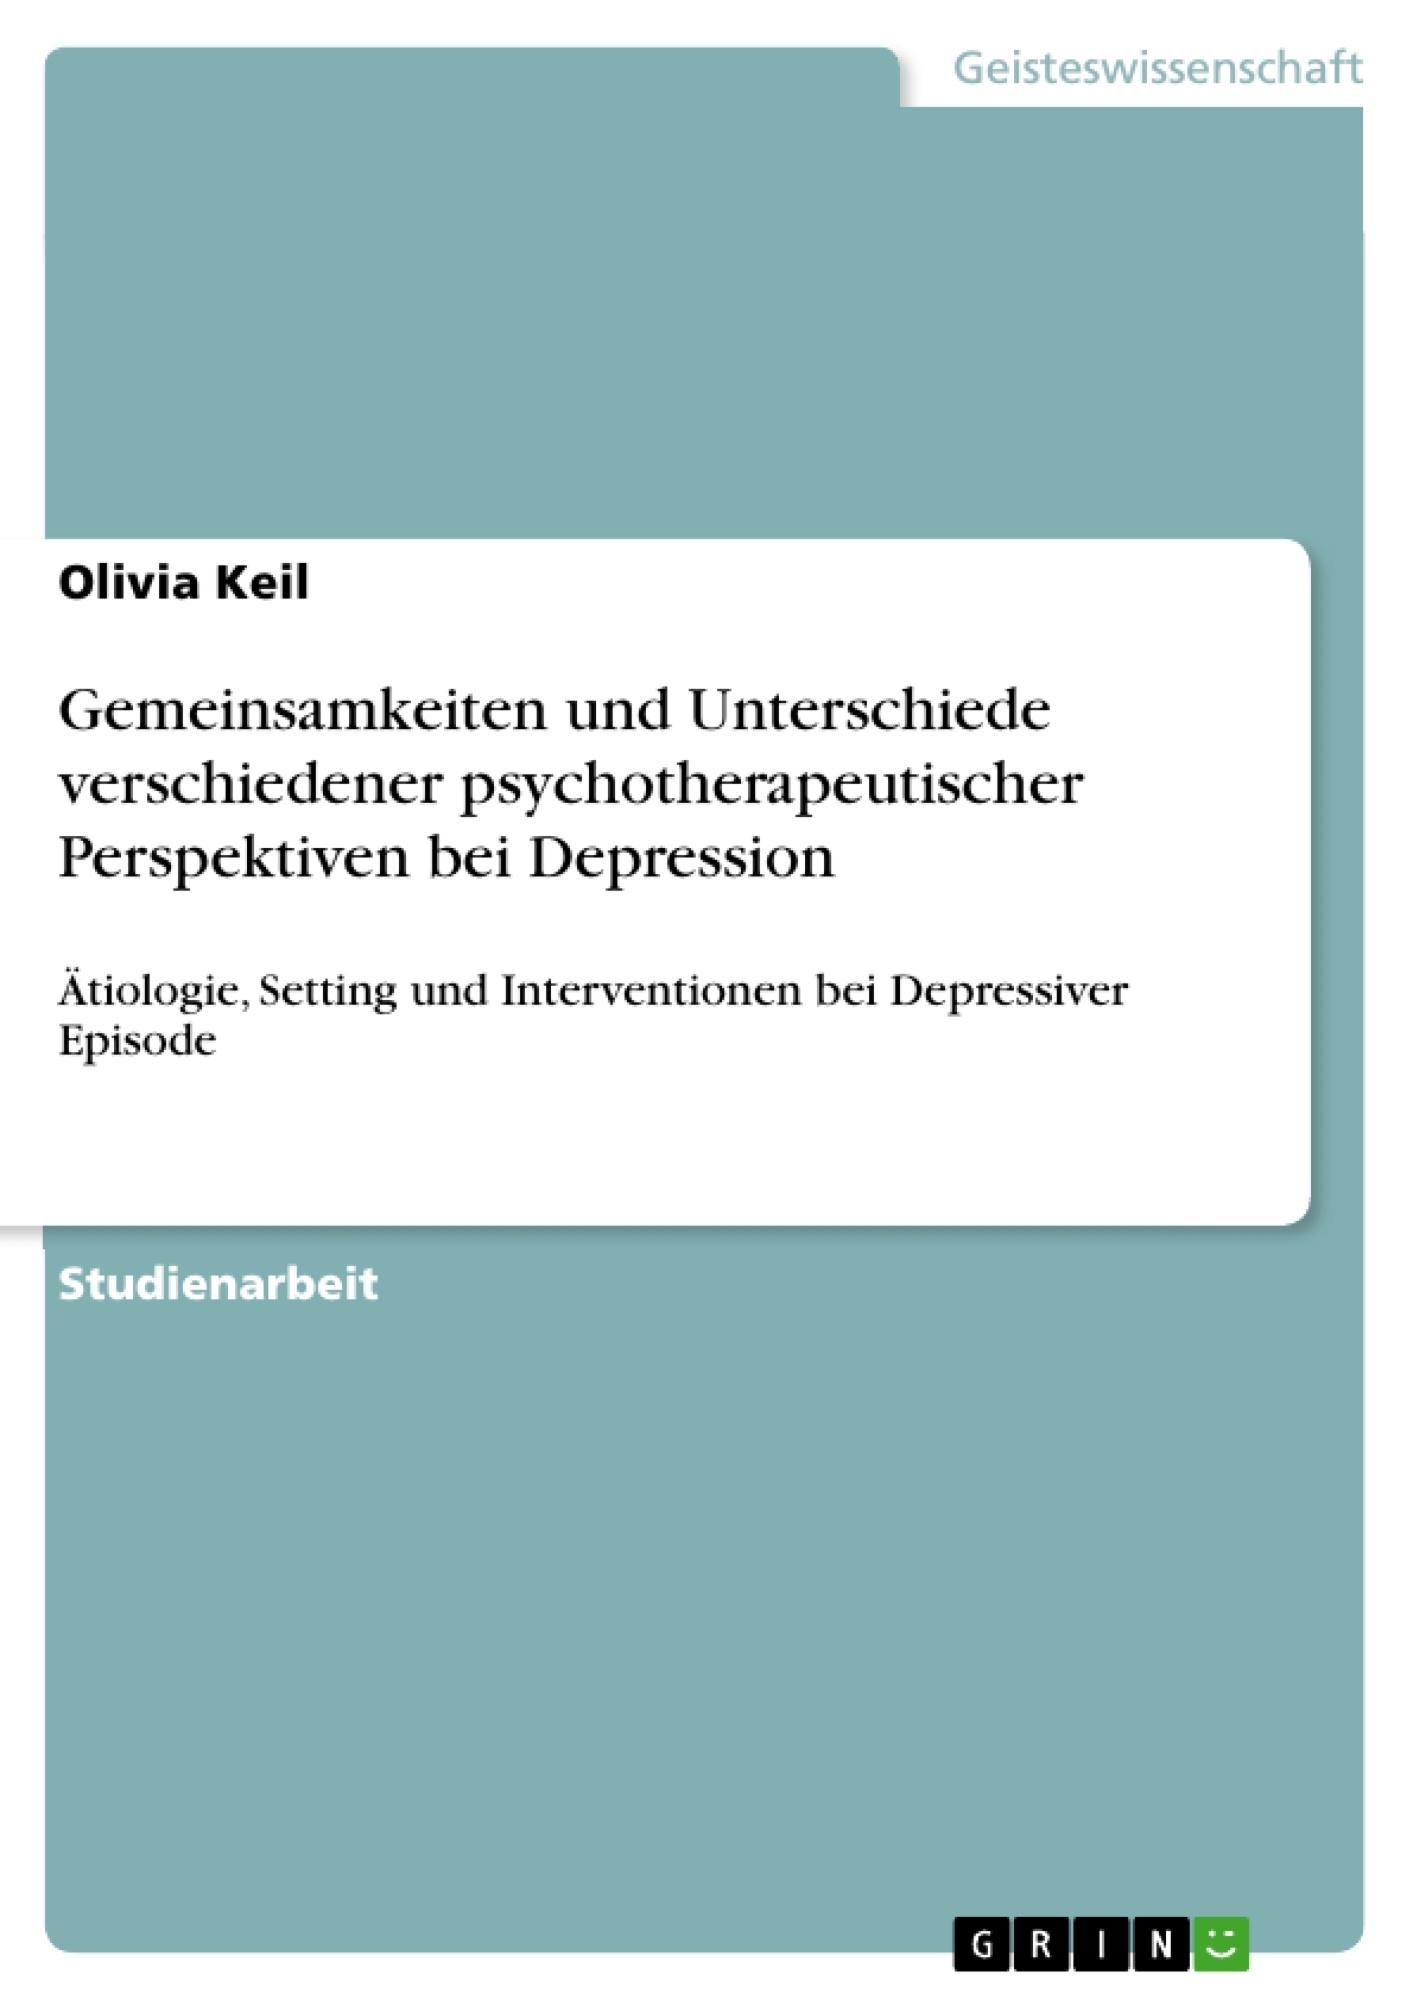 Titel: Gemeinsamkeiten und Unterschiede verschiedener psychotherapeutischer Perspektiven bei Depression